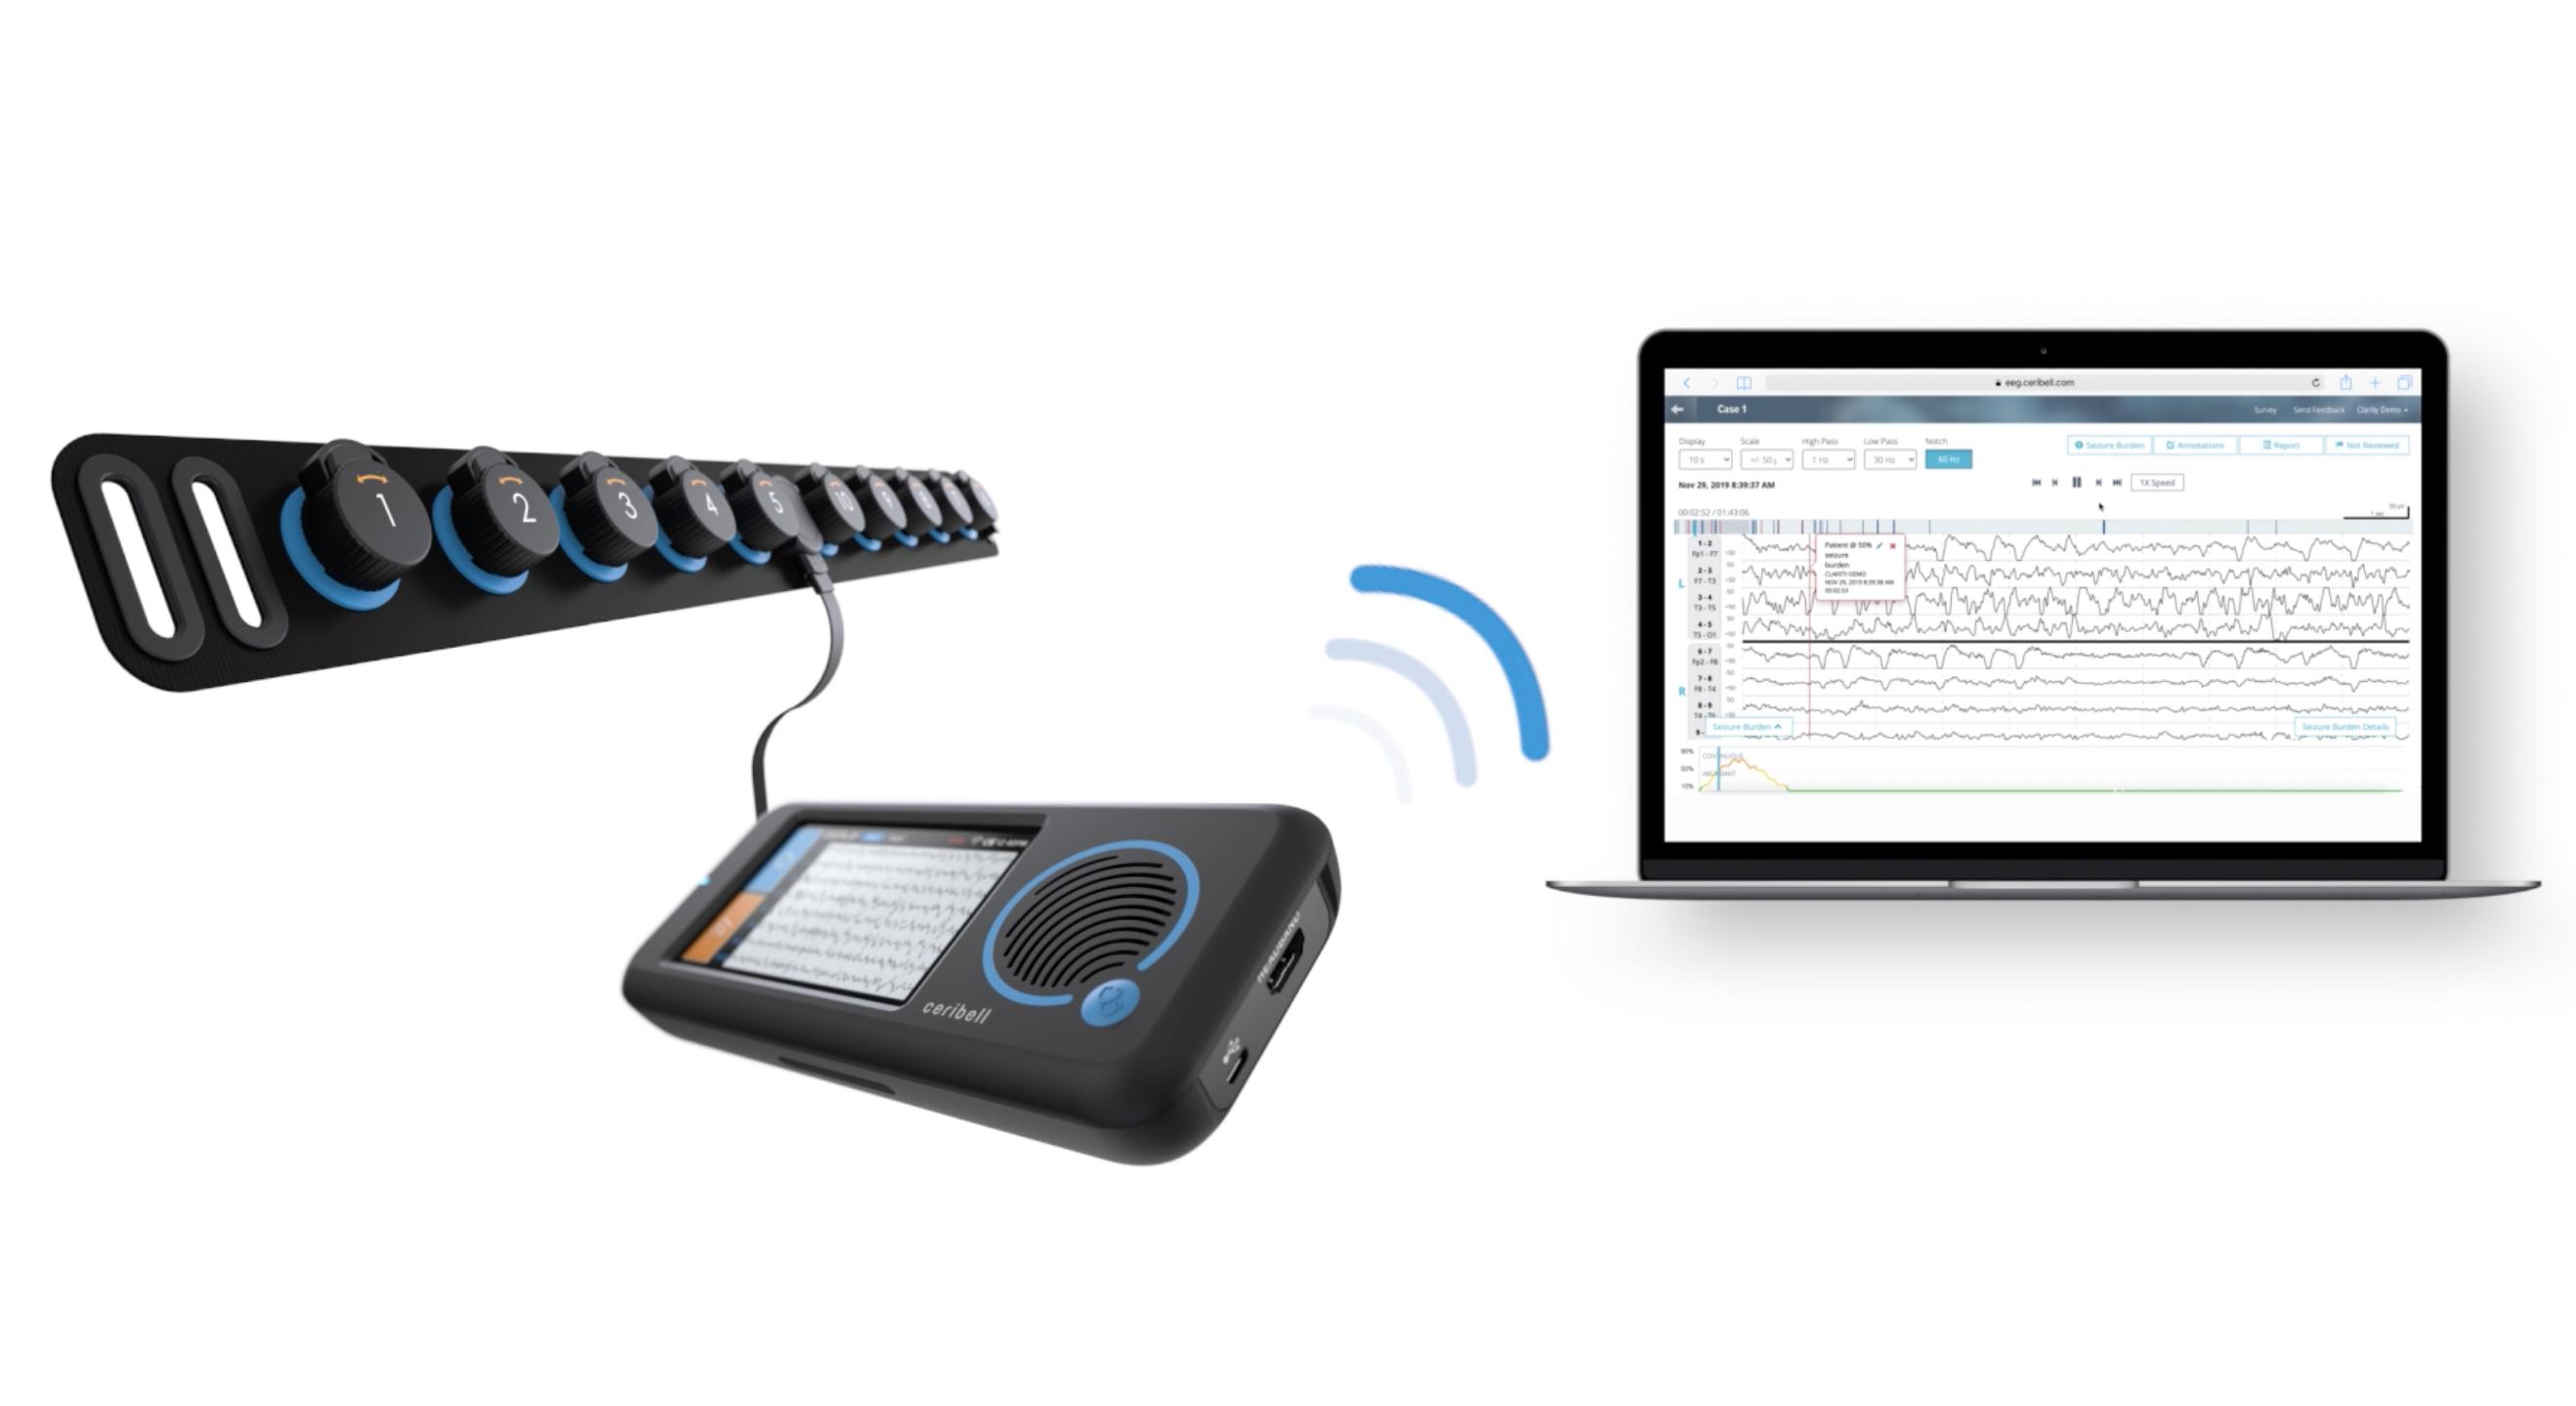 Ceribell Rapid EEG System